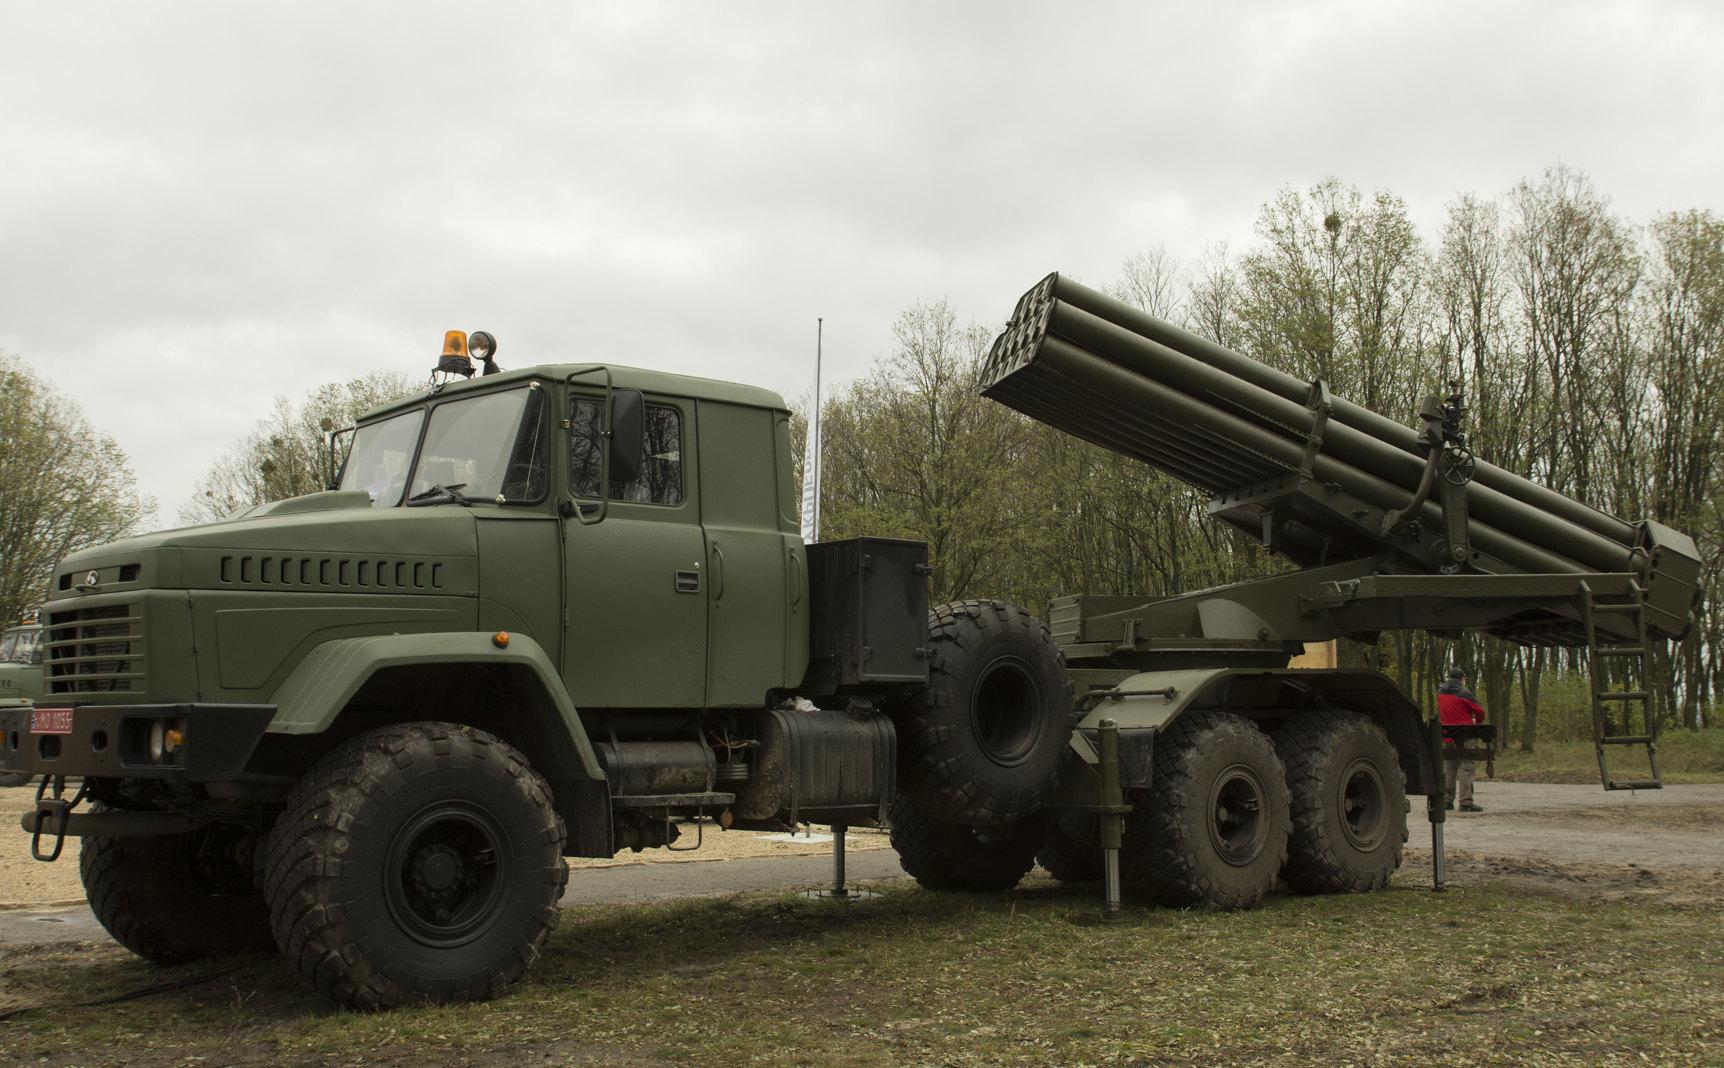 Uragan raketartillerisystem på KrAZ-chassi